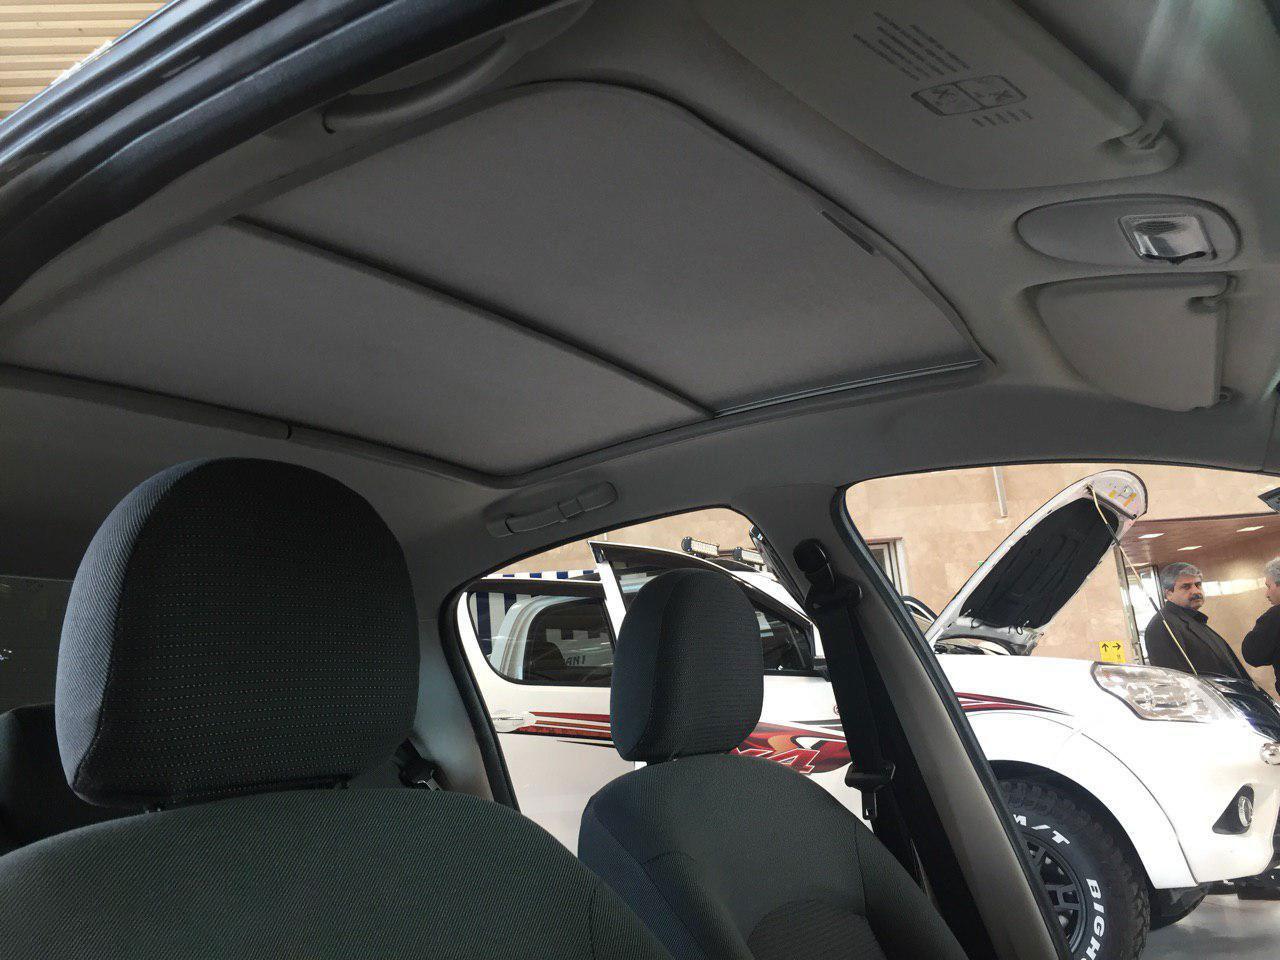 ایران خودرو 207 صندوقدار و هاچ بک با سقف شیشه ای را به نمایش گذاشت